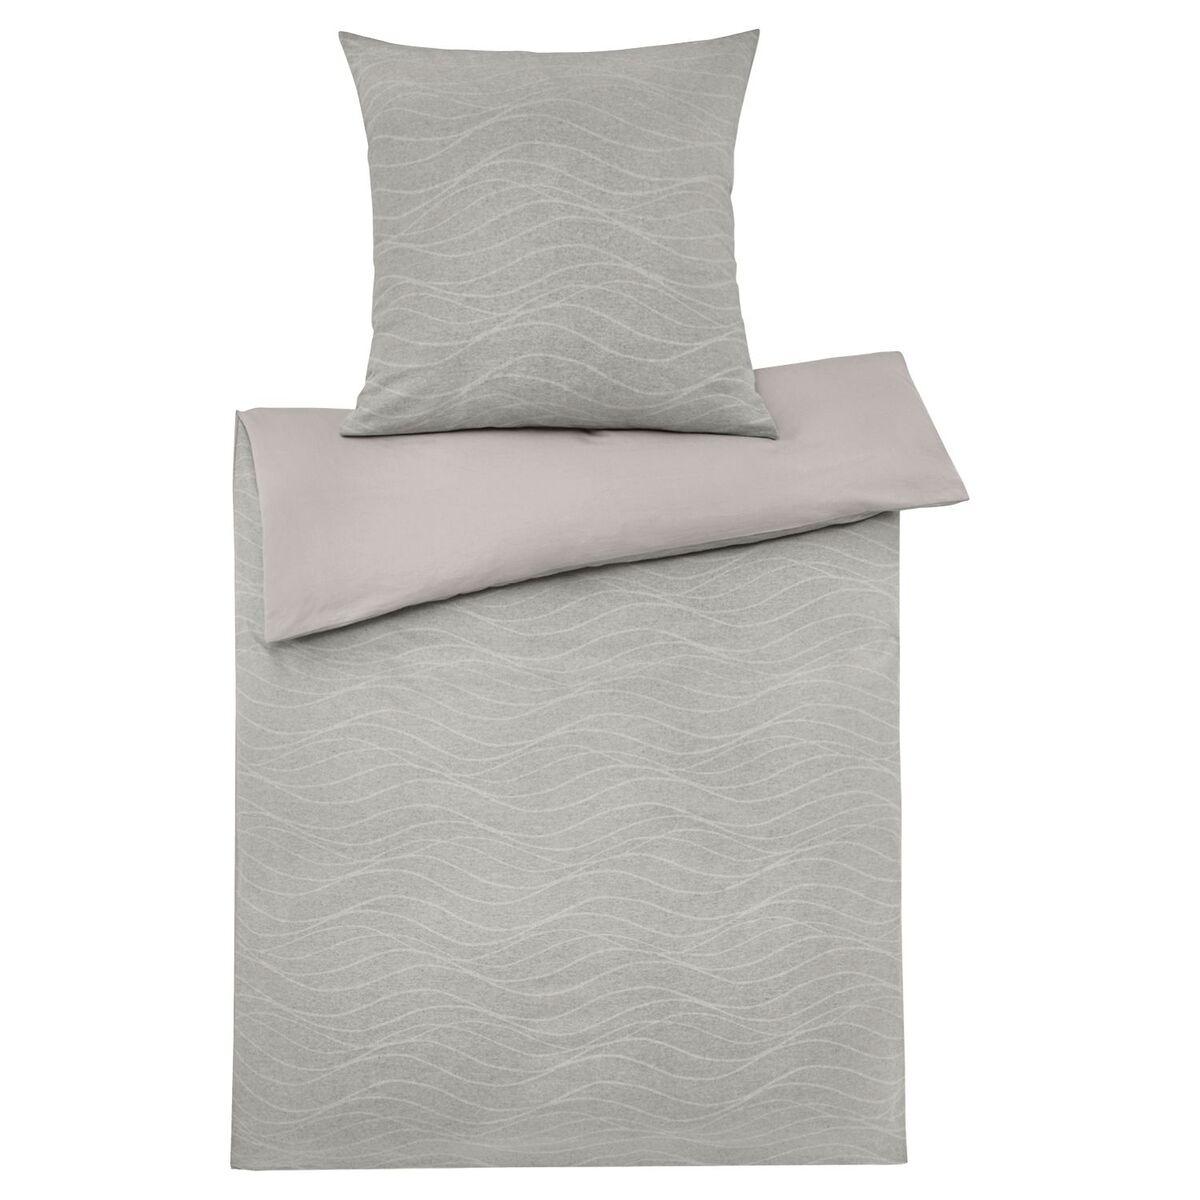 Bild 2 von dormia Finette-Bettwäsche Normalgröße